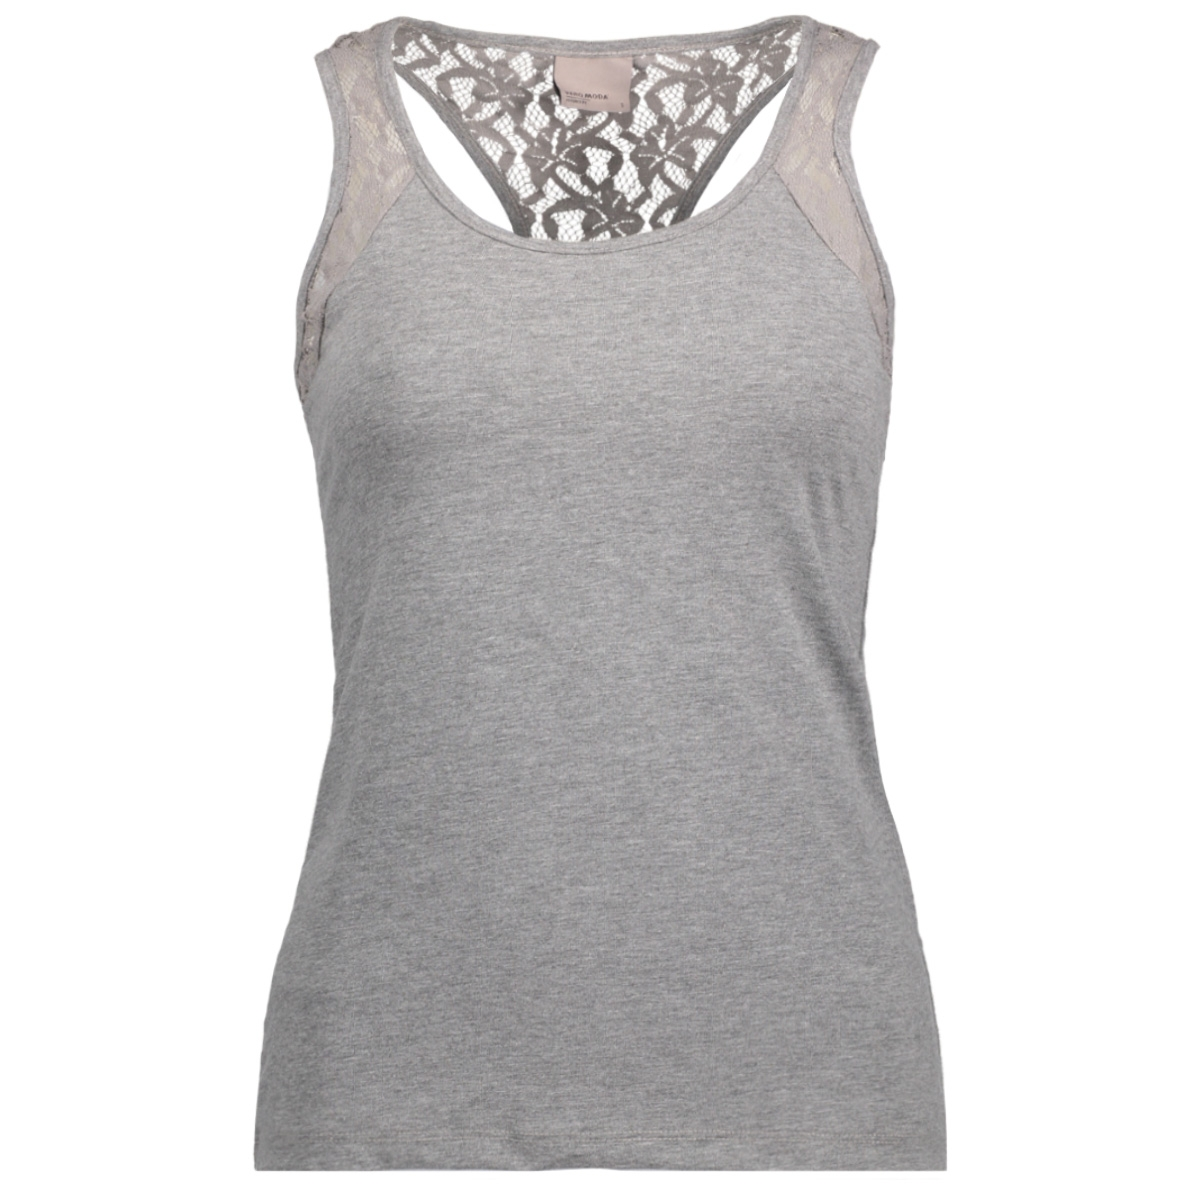 vmmaxi my soft lace boxer top noos 10170567 vero moda top medium grey melange